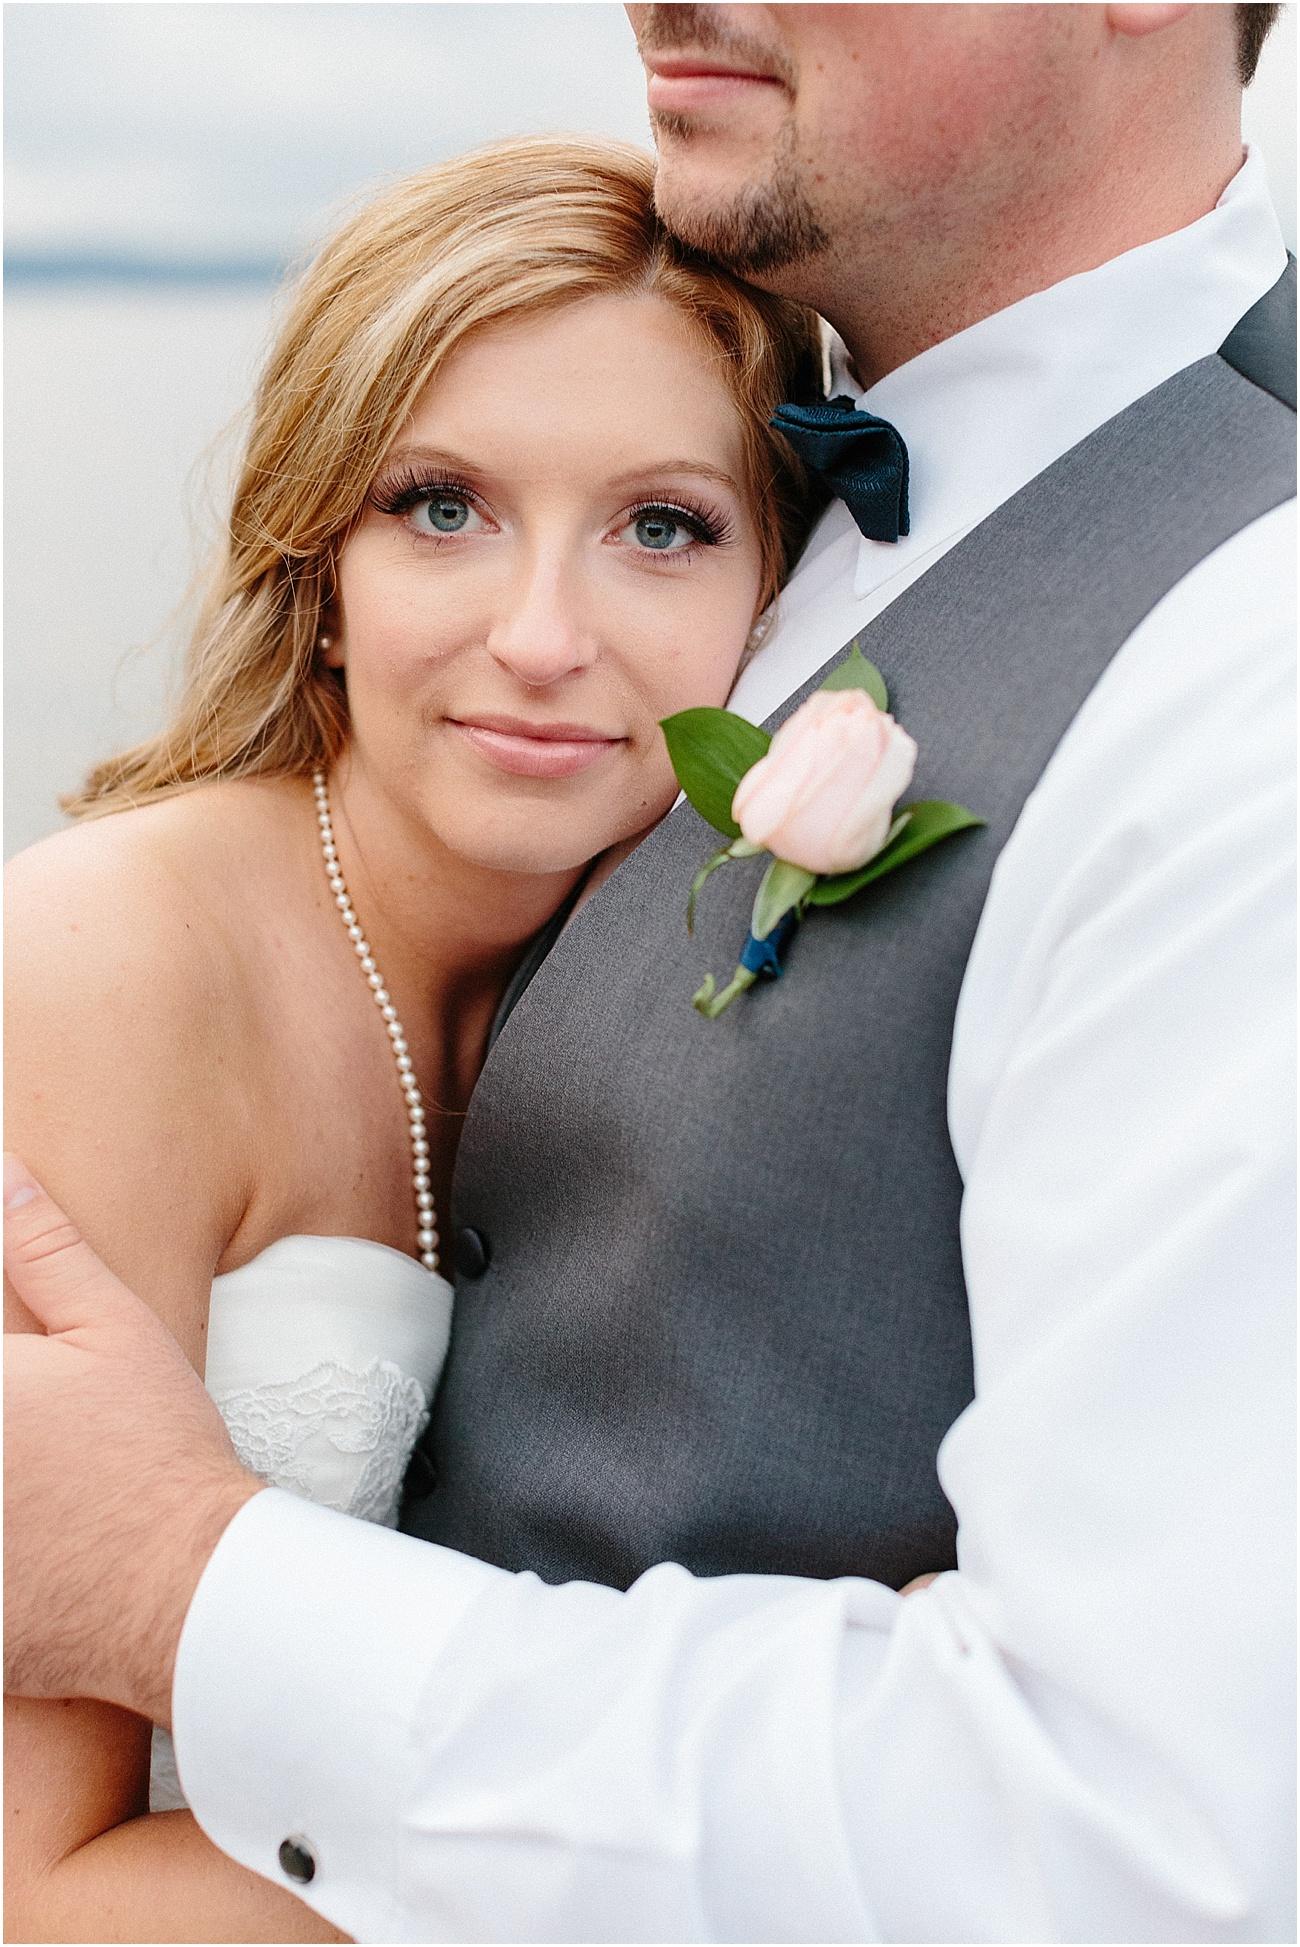 Thomas_WeyerhaeuserEstate_Tacom_Washington_Wedding_0110